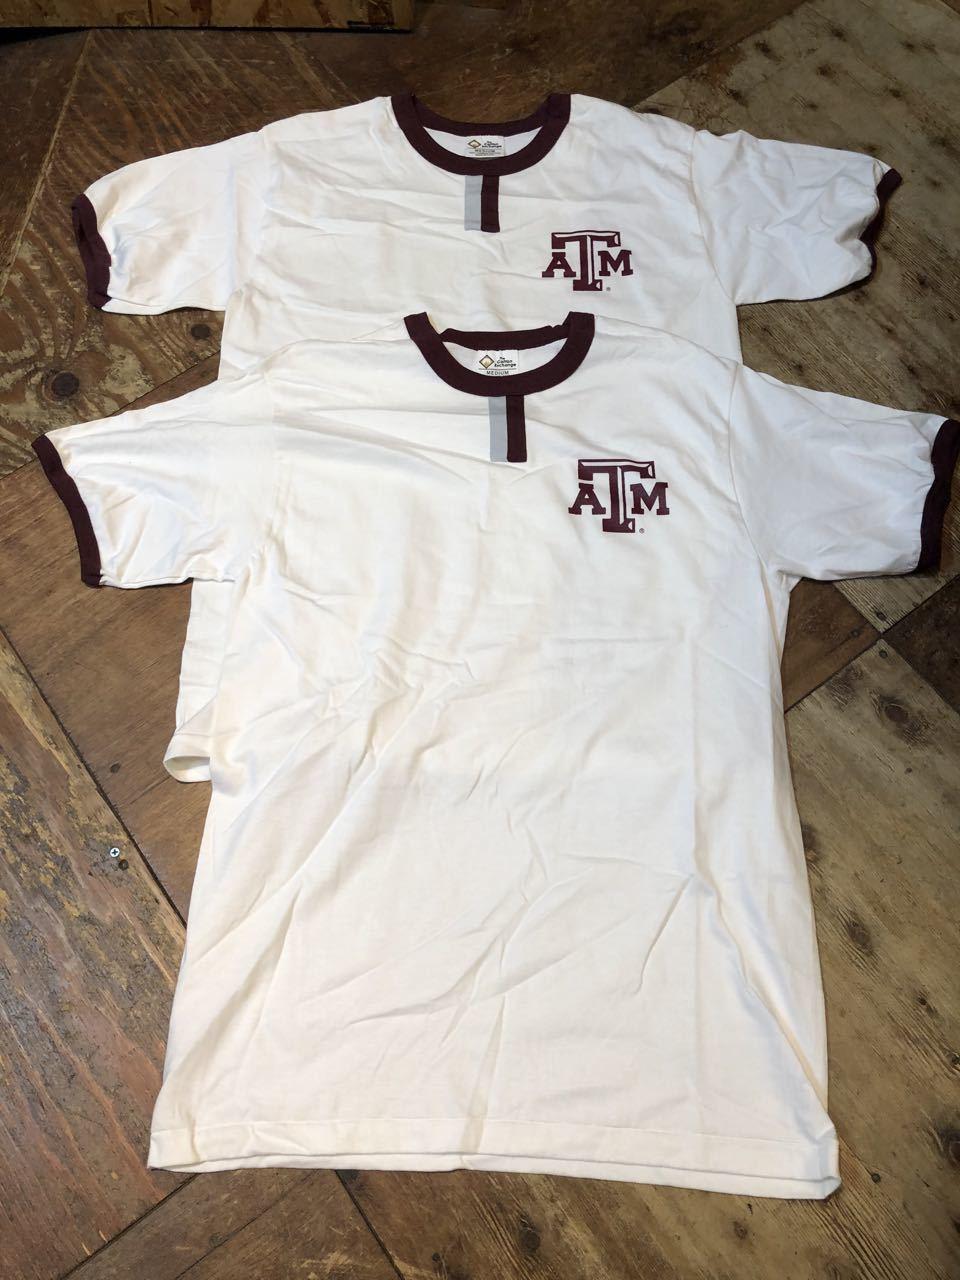 8月9日(日)入荷! 80s デッドストック #2  MADE IN U.S.A  the cotton exchange コットンエクスチェンジ ちょこチン Tシャツ!_c0144020_16245579.jpg